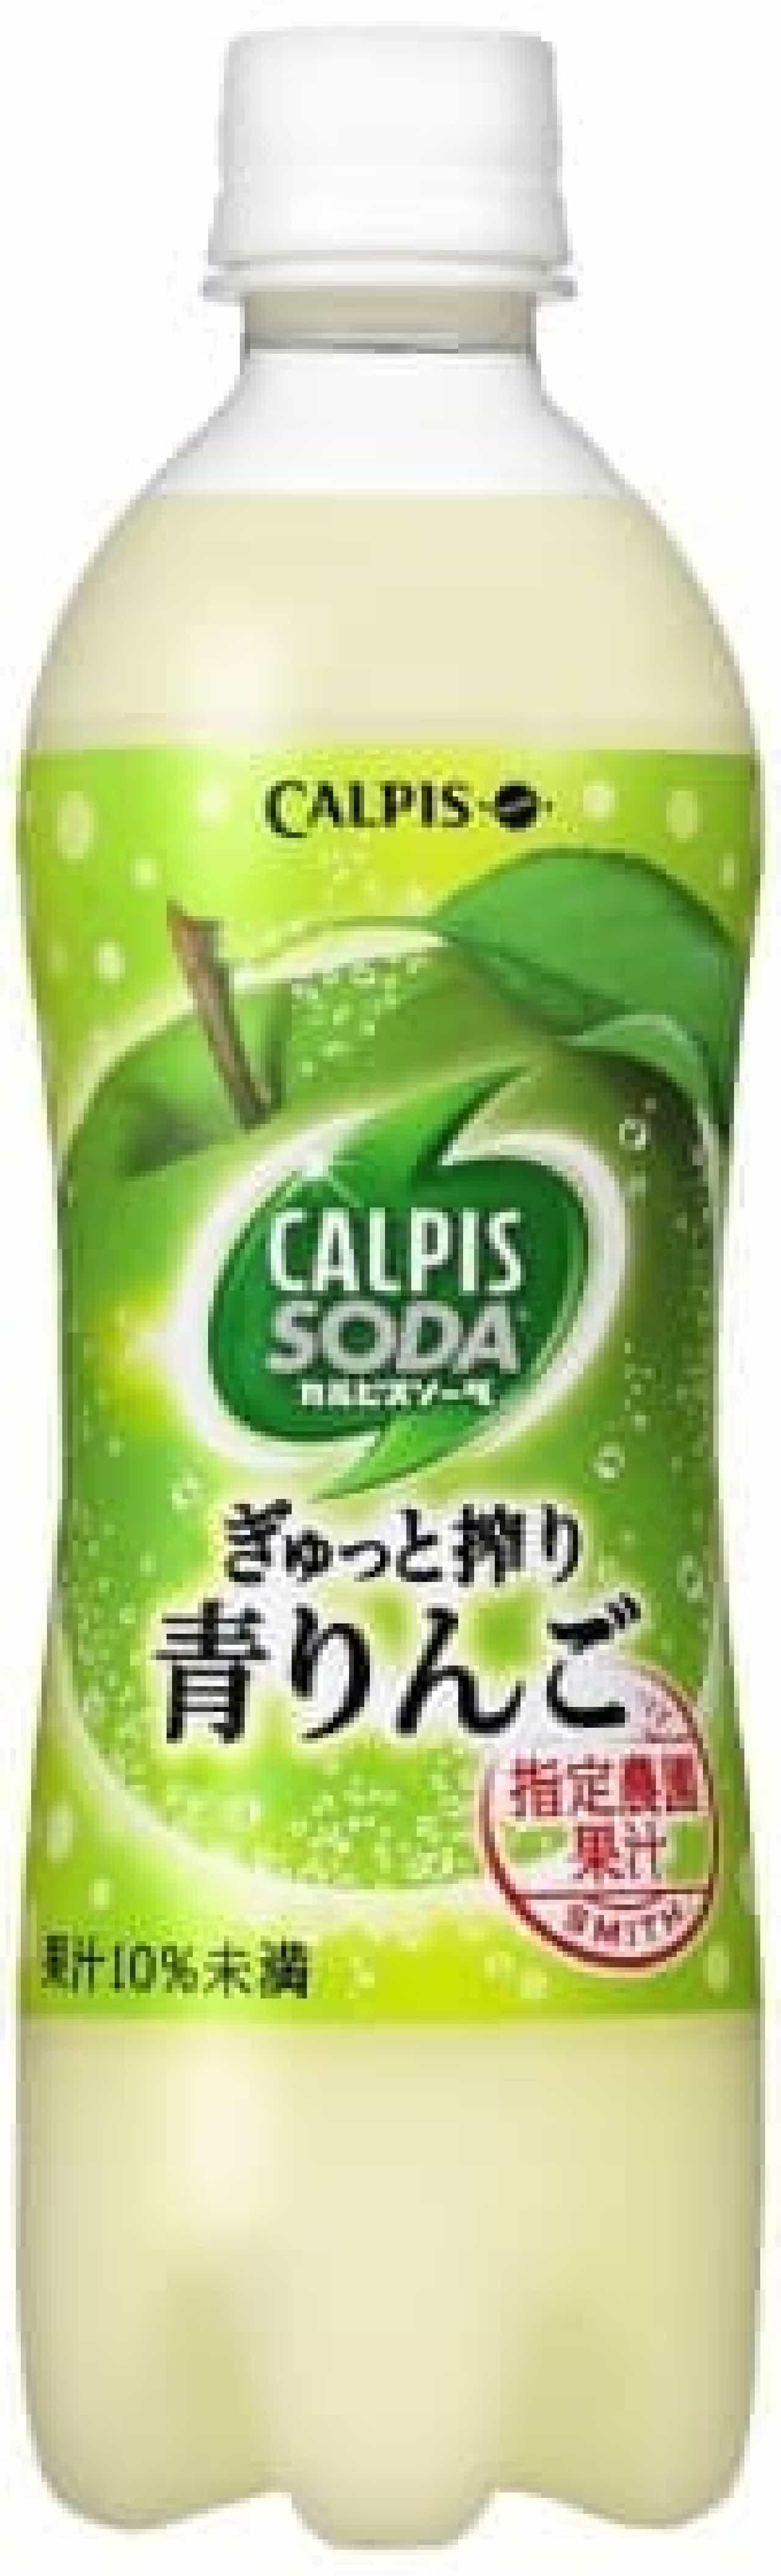 夏にぴったりの爽やかさ!  青りんごの風味豊かなカルピスソーダ